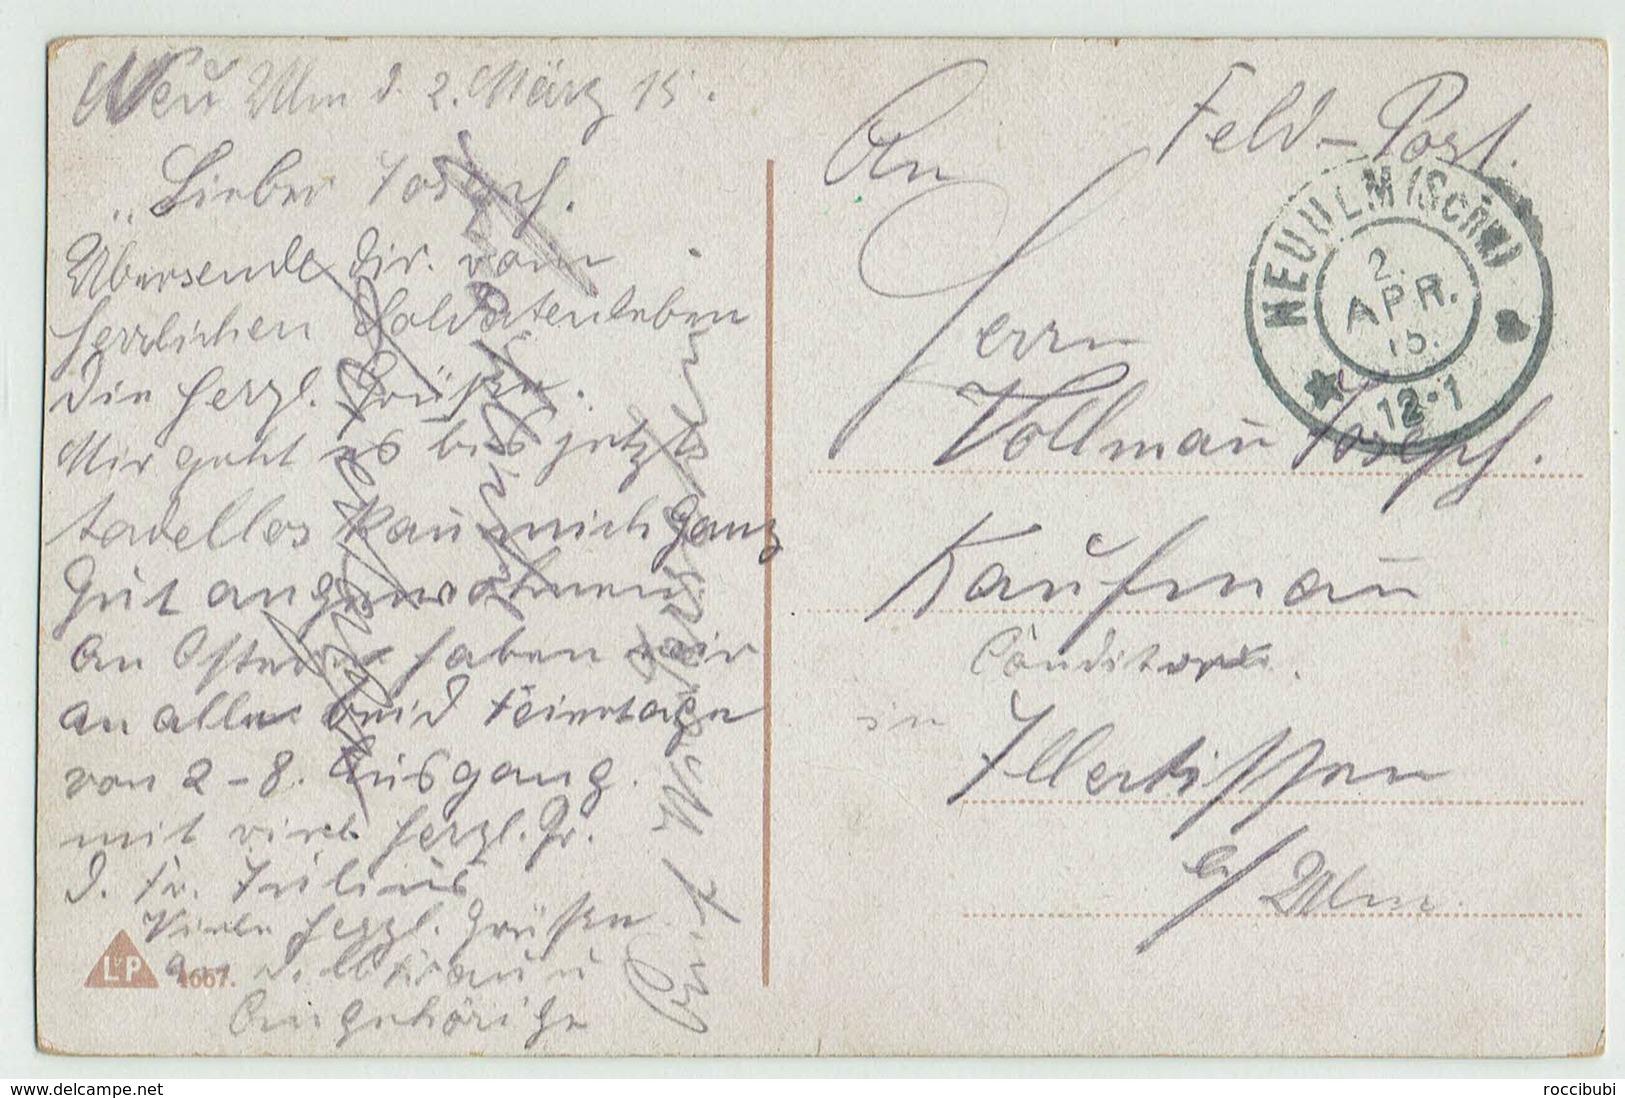 Militär, Uniform, Liebe, Heimat, 1915 - Heimat